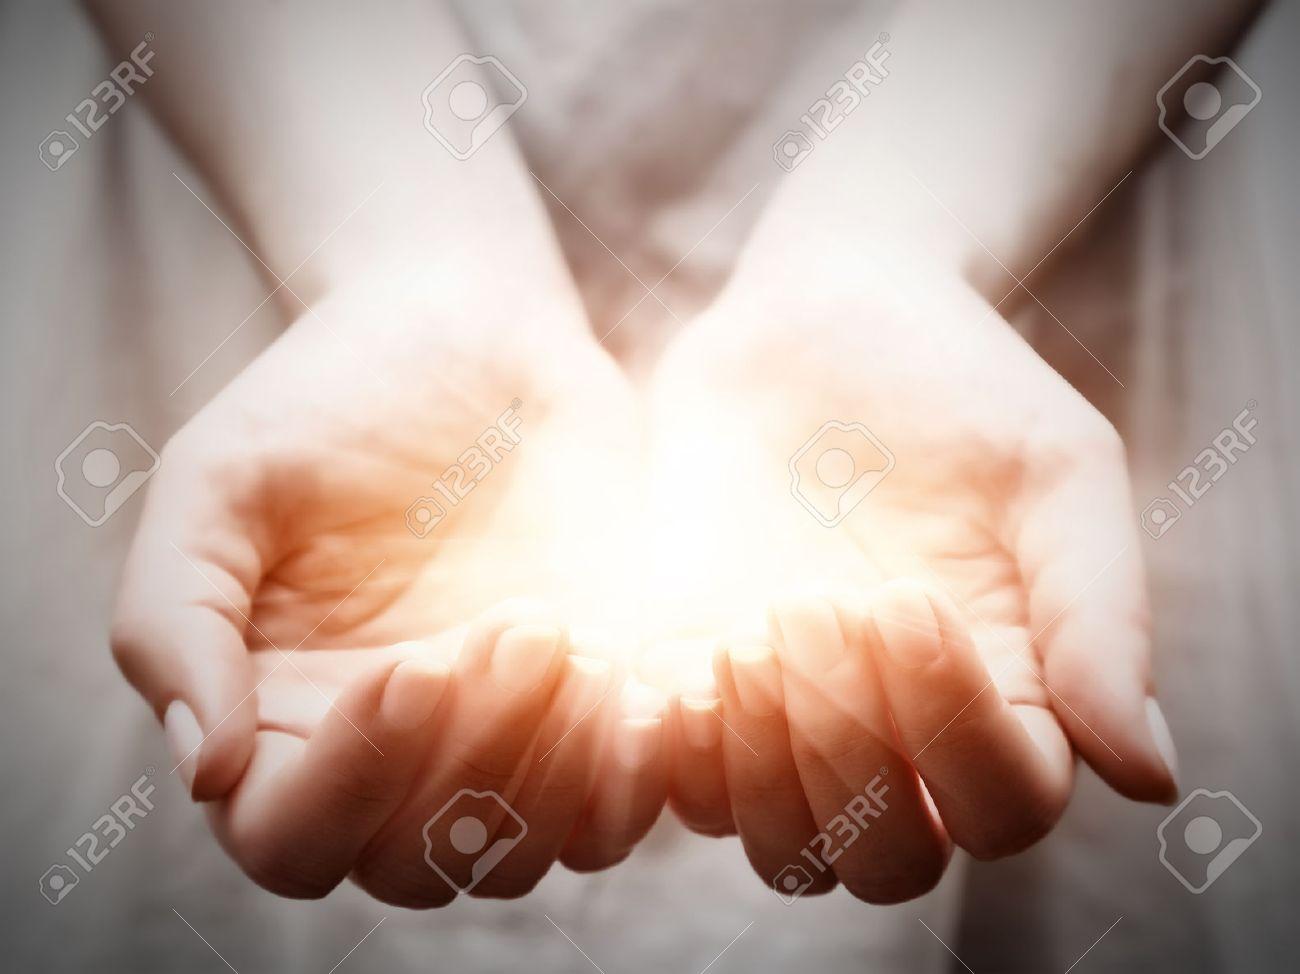 Дай мне свою руку я отдам свое